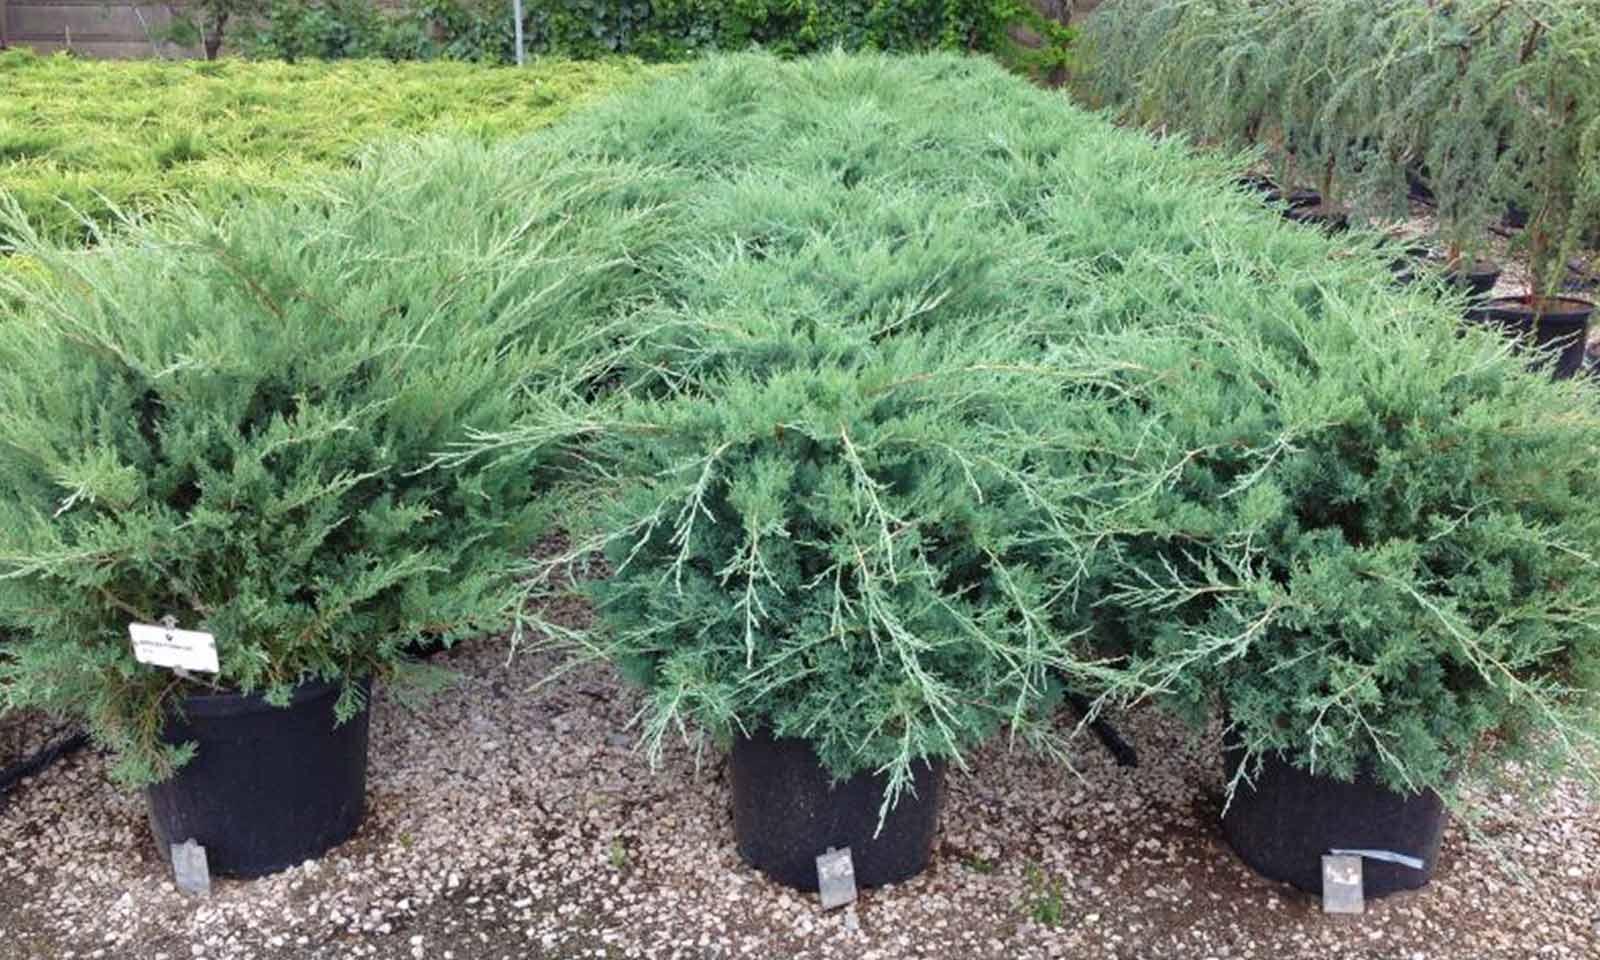 Juniperus x Media 'Pfitzeriana Glauca' (Juniper 'Pfitzeriana Glauca')